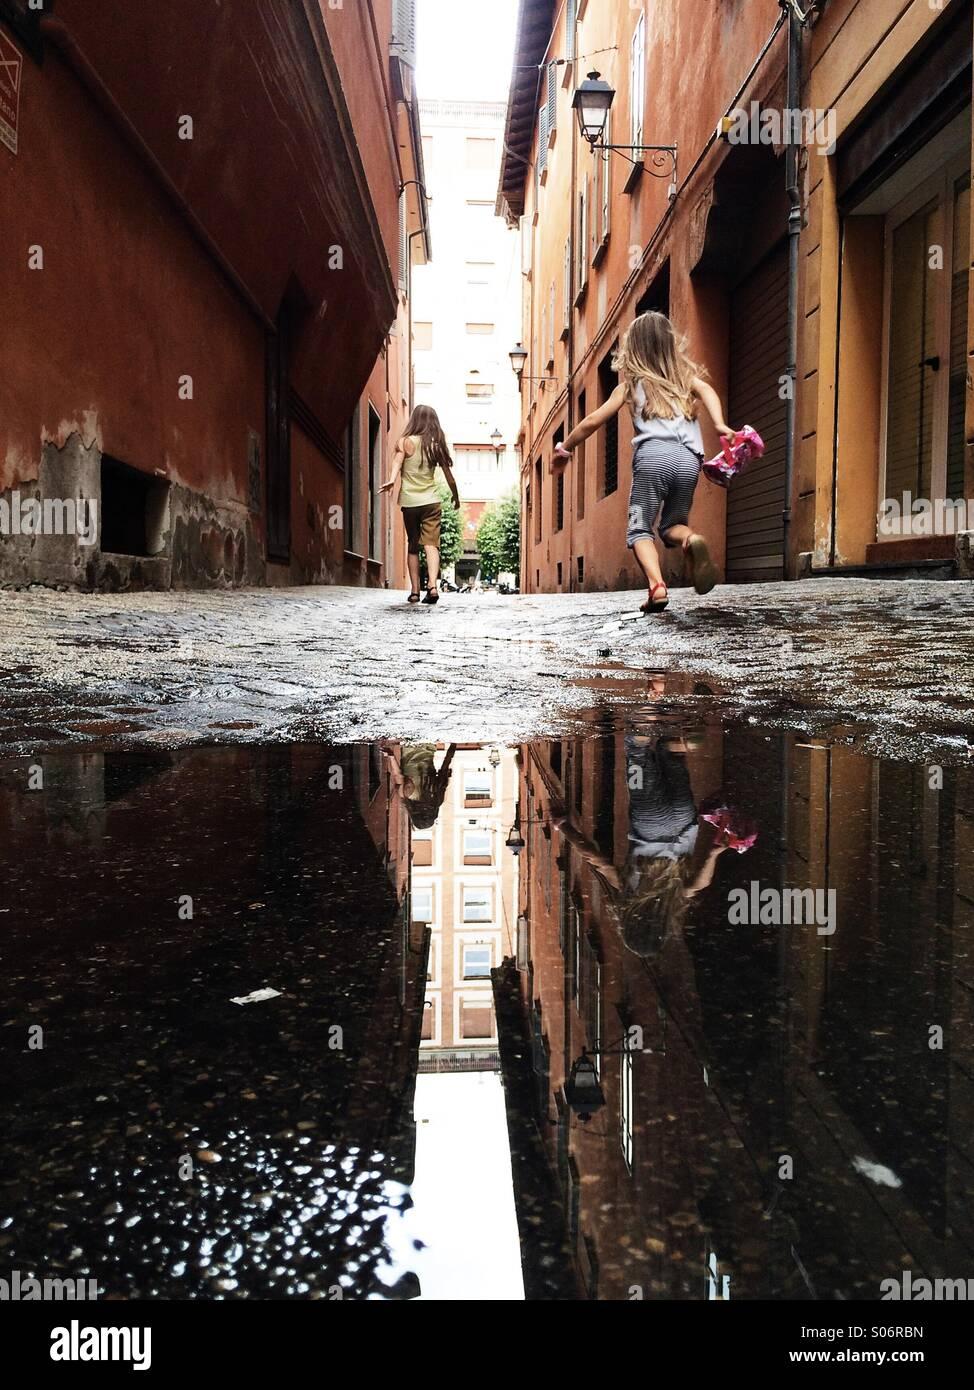 Reflexion-Läufer Stockbild